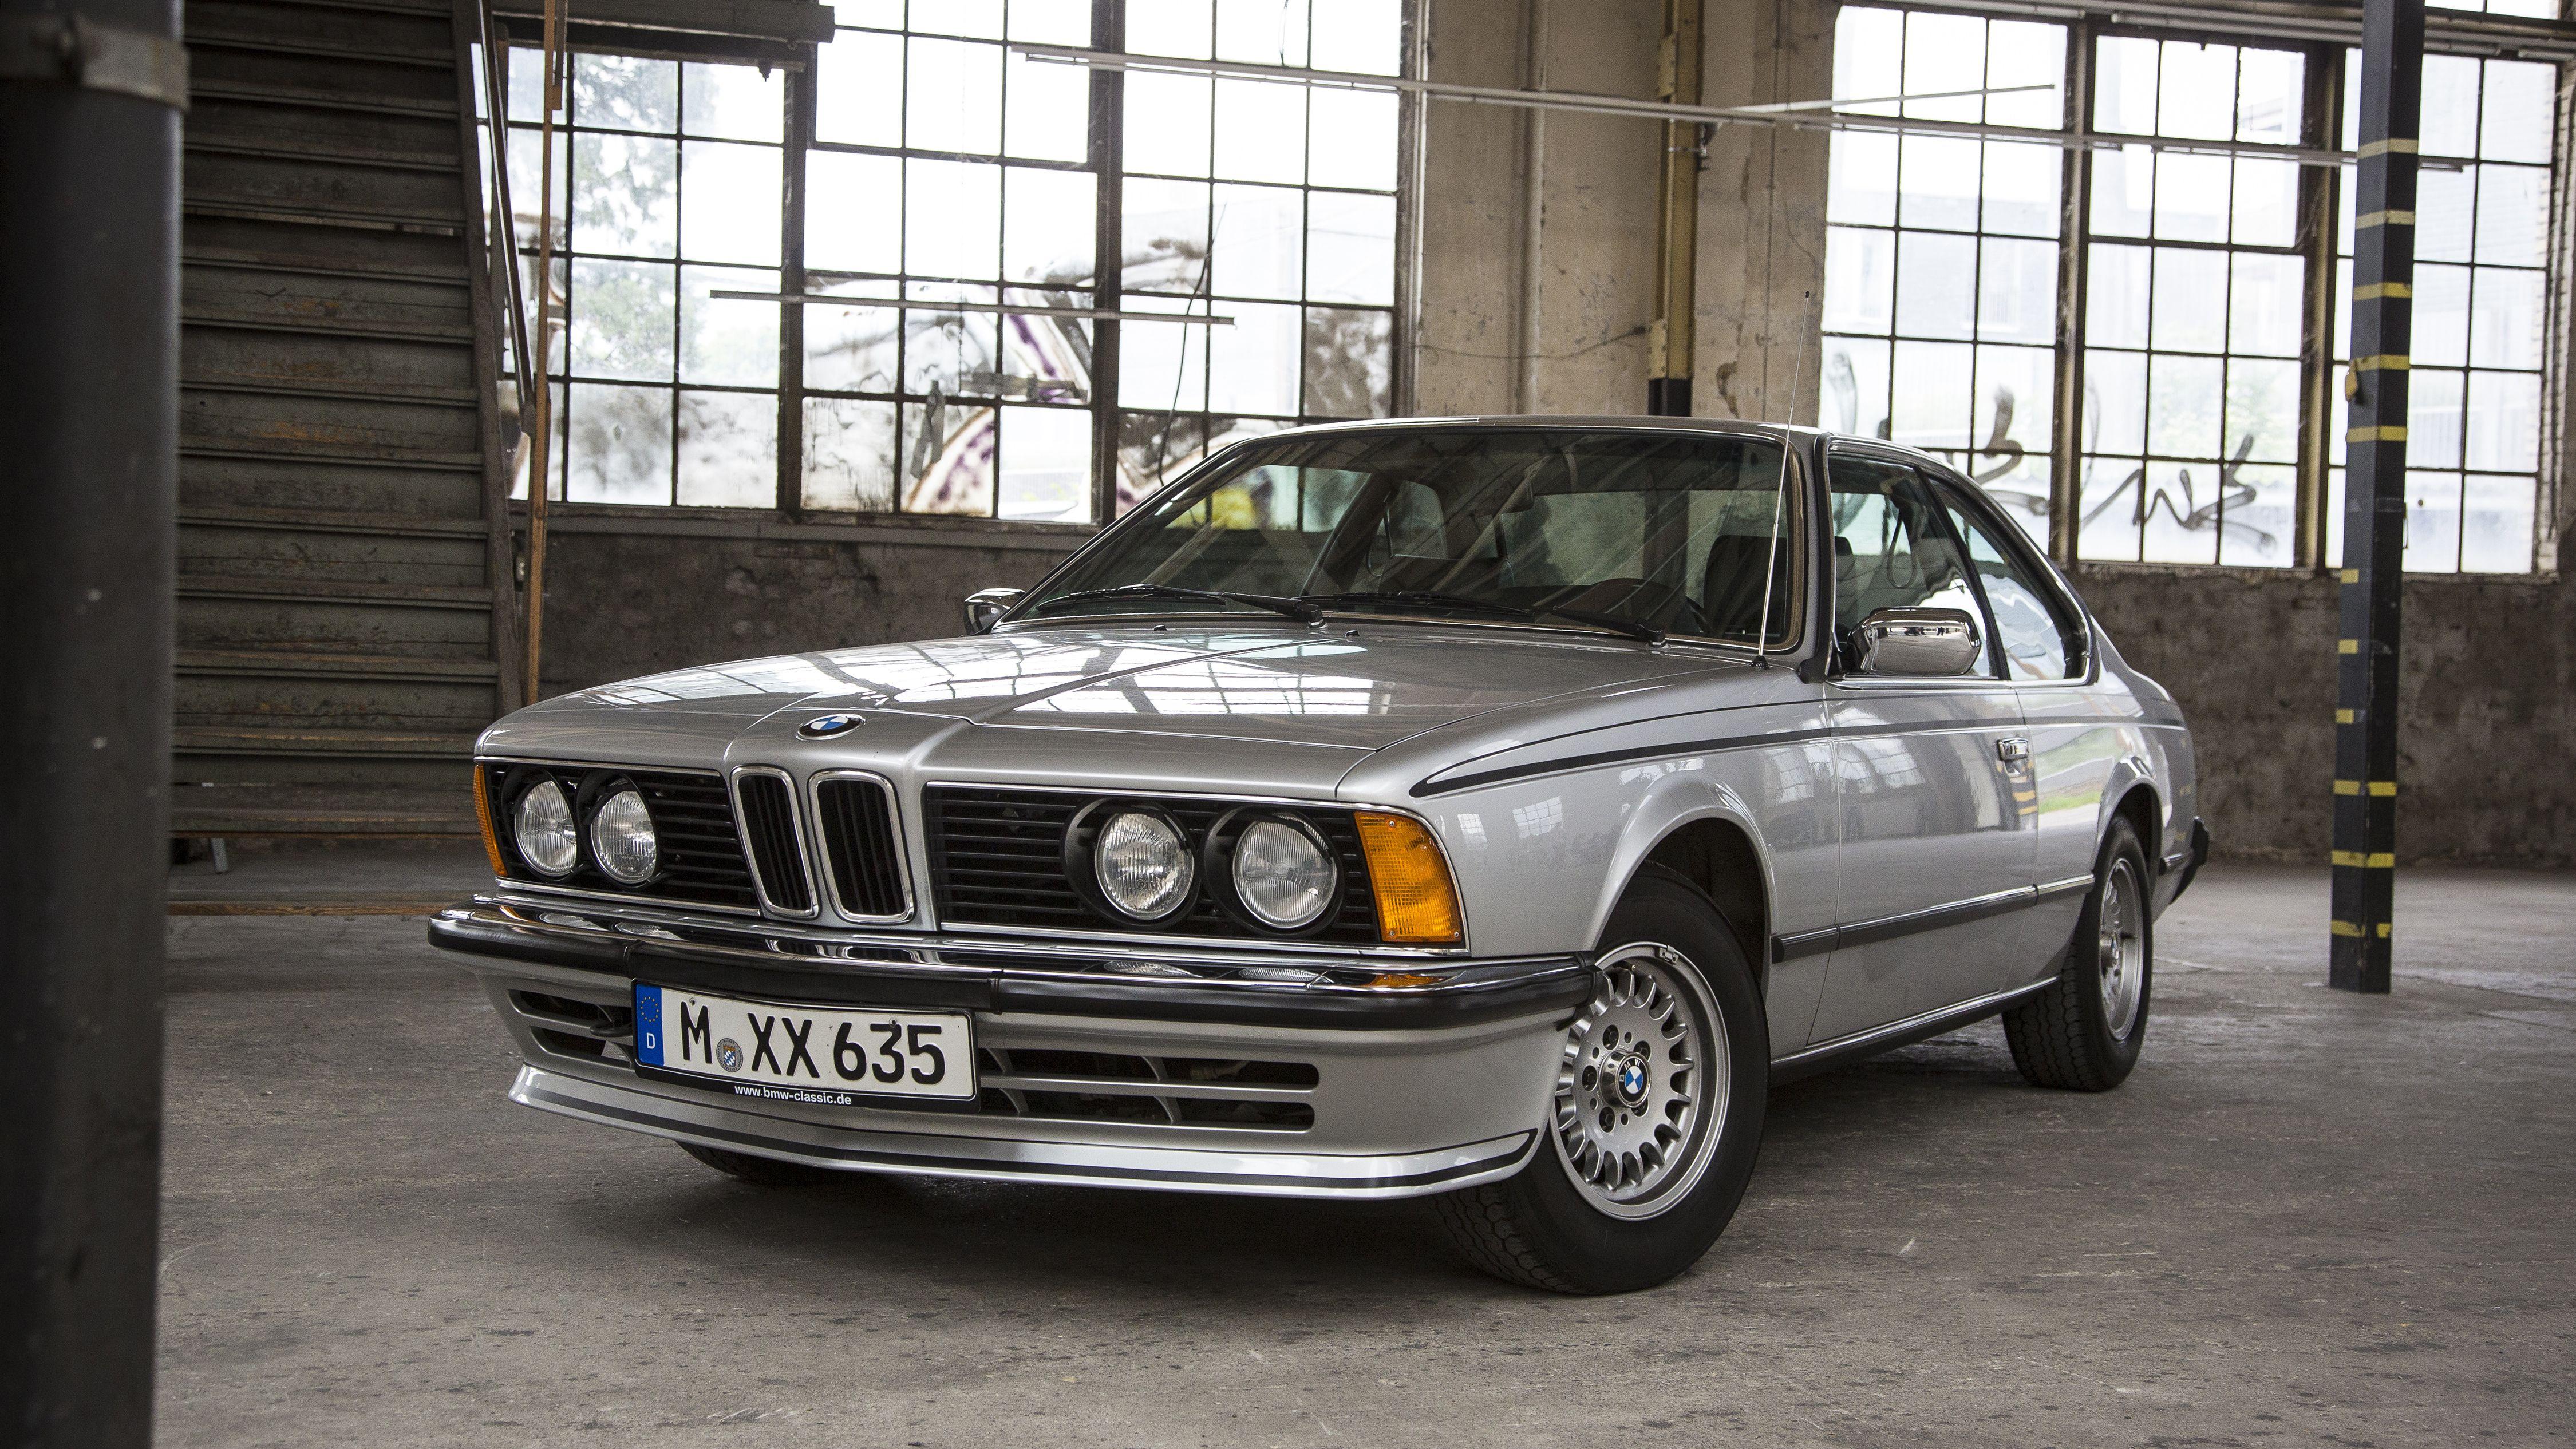 BMW 635 CSi (E24) 1978   BMW #2   Pinterest   Bmw 635 and BMW